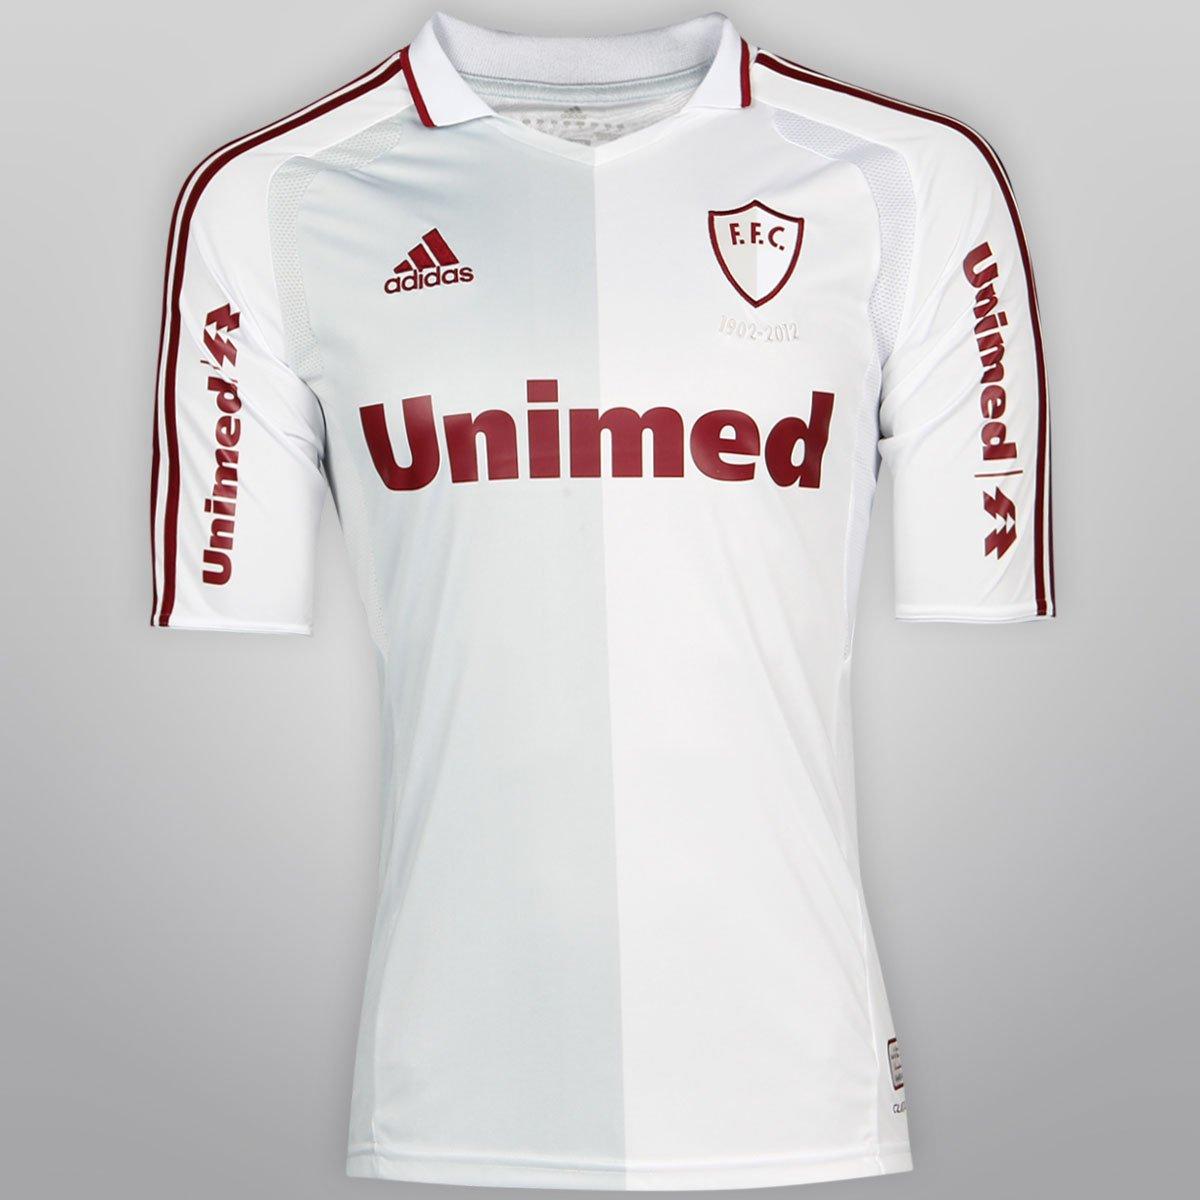 f47afbb9e9 Camisa Adidas Fluminense 12 13 s nº - 110 Anos - Ed. Limitada - Compre  Agora